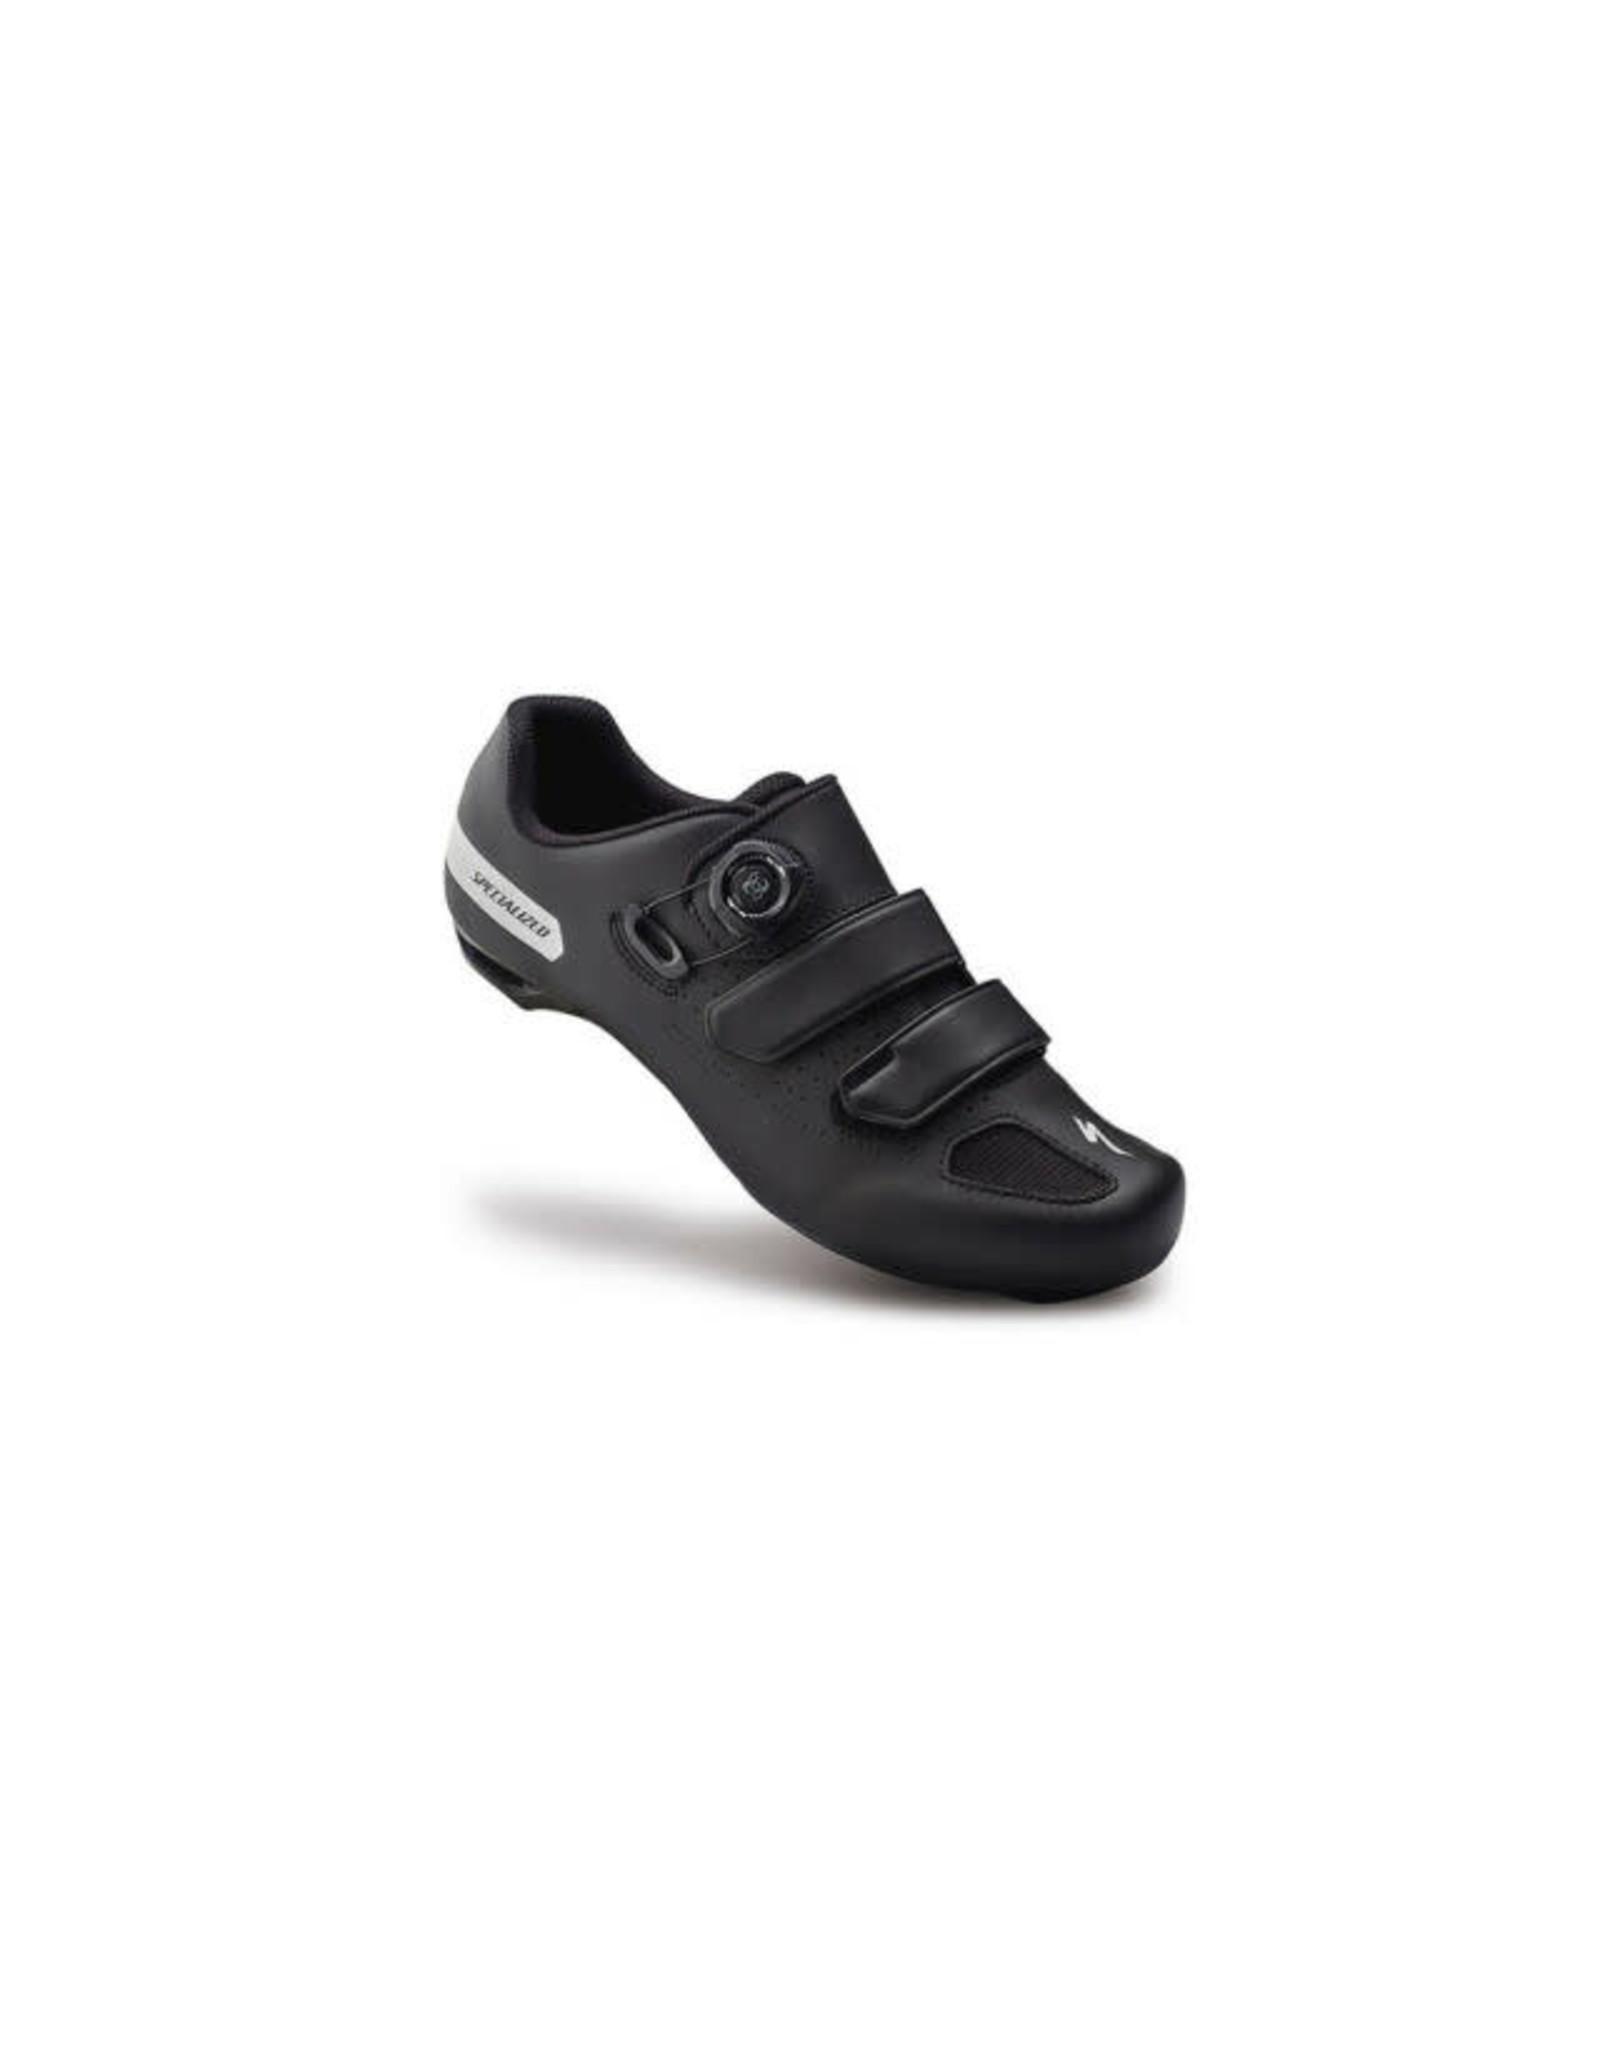 Specialized Shoe Spec Comp Rd Blk 44/10.6